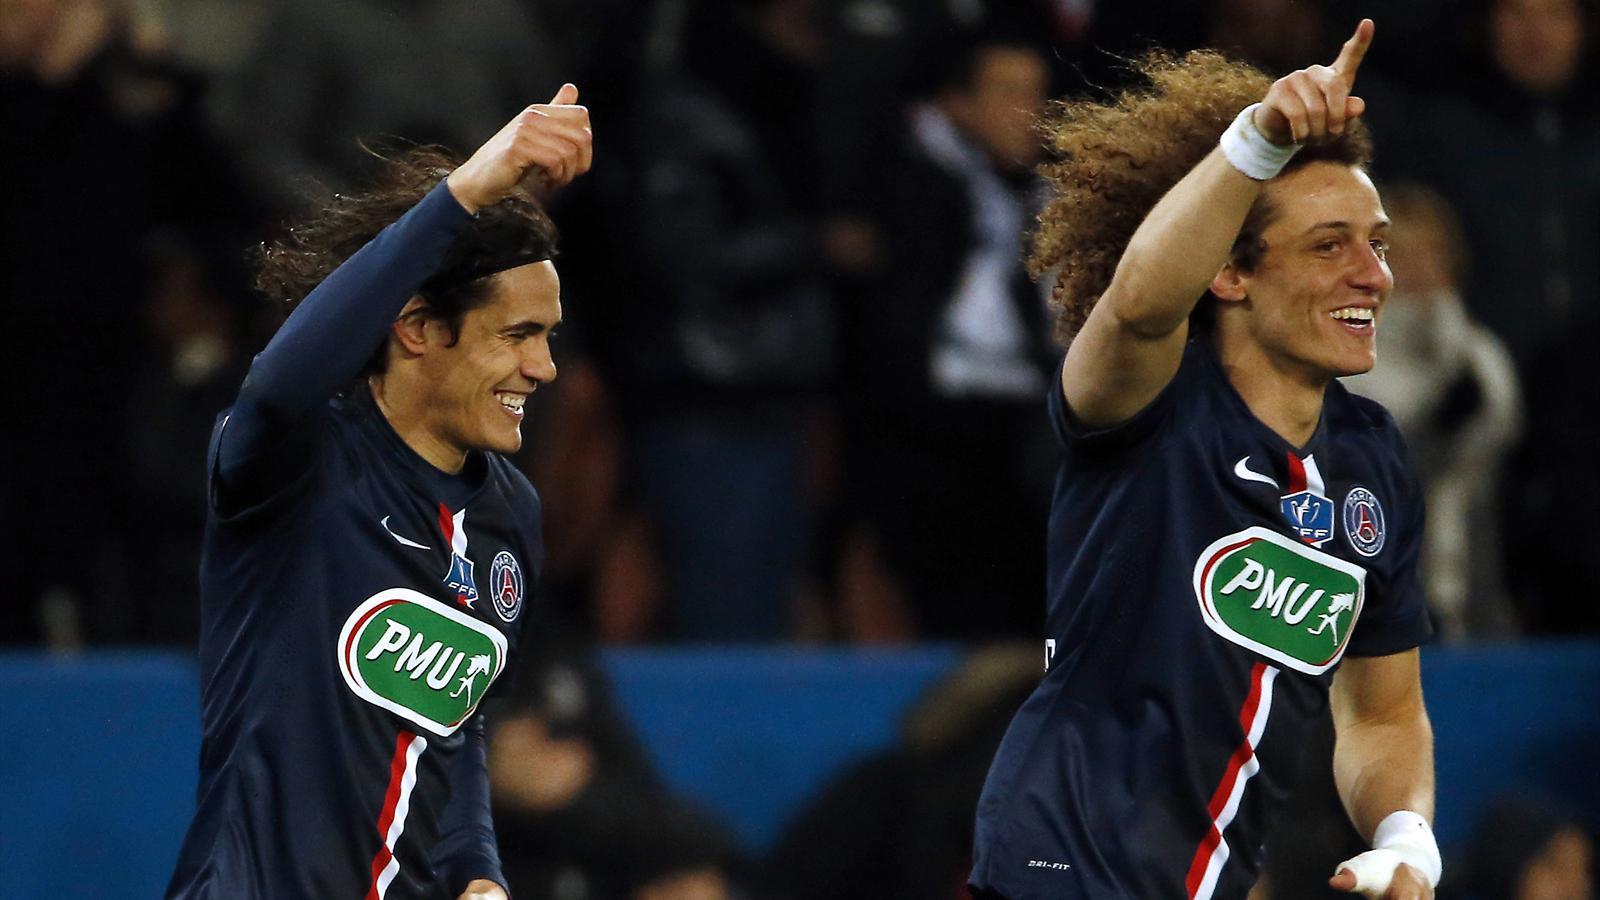 En direct live psg as monaco coupe de france 4 - Resultats coupe de france football 2015 ...